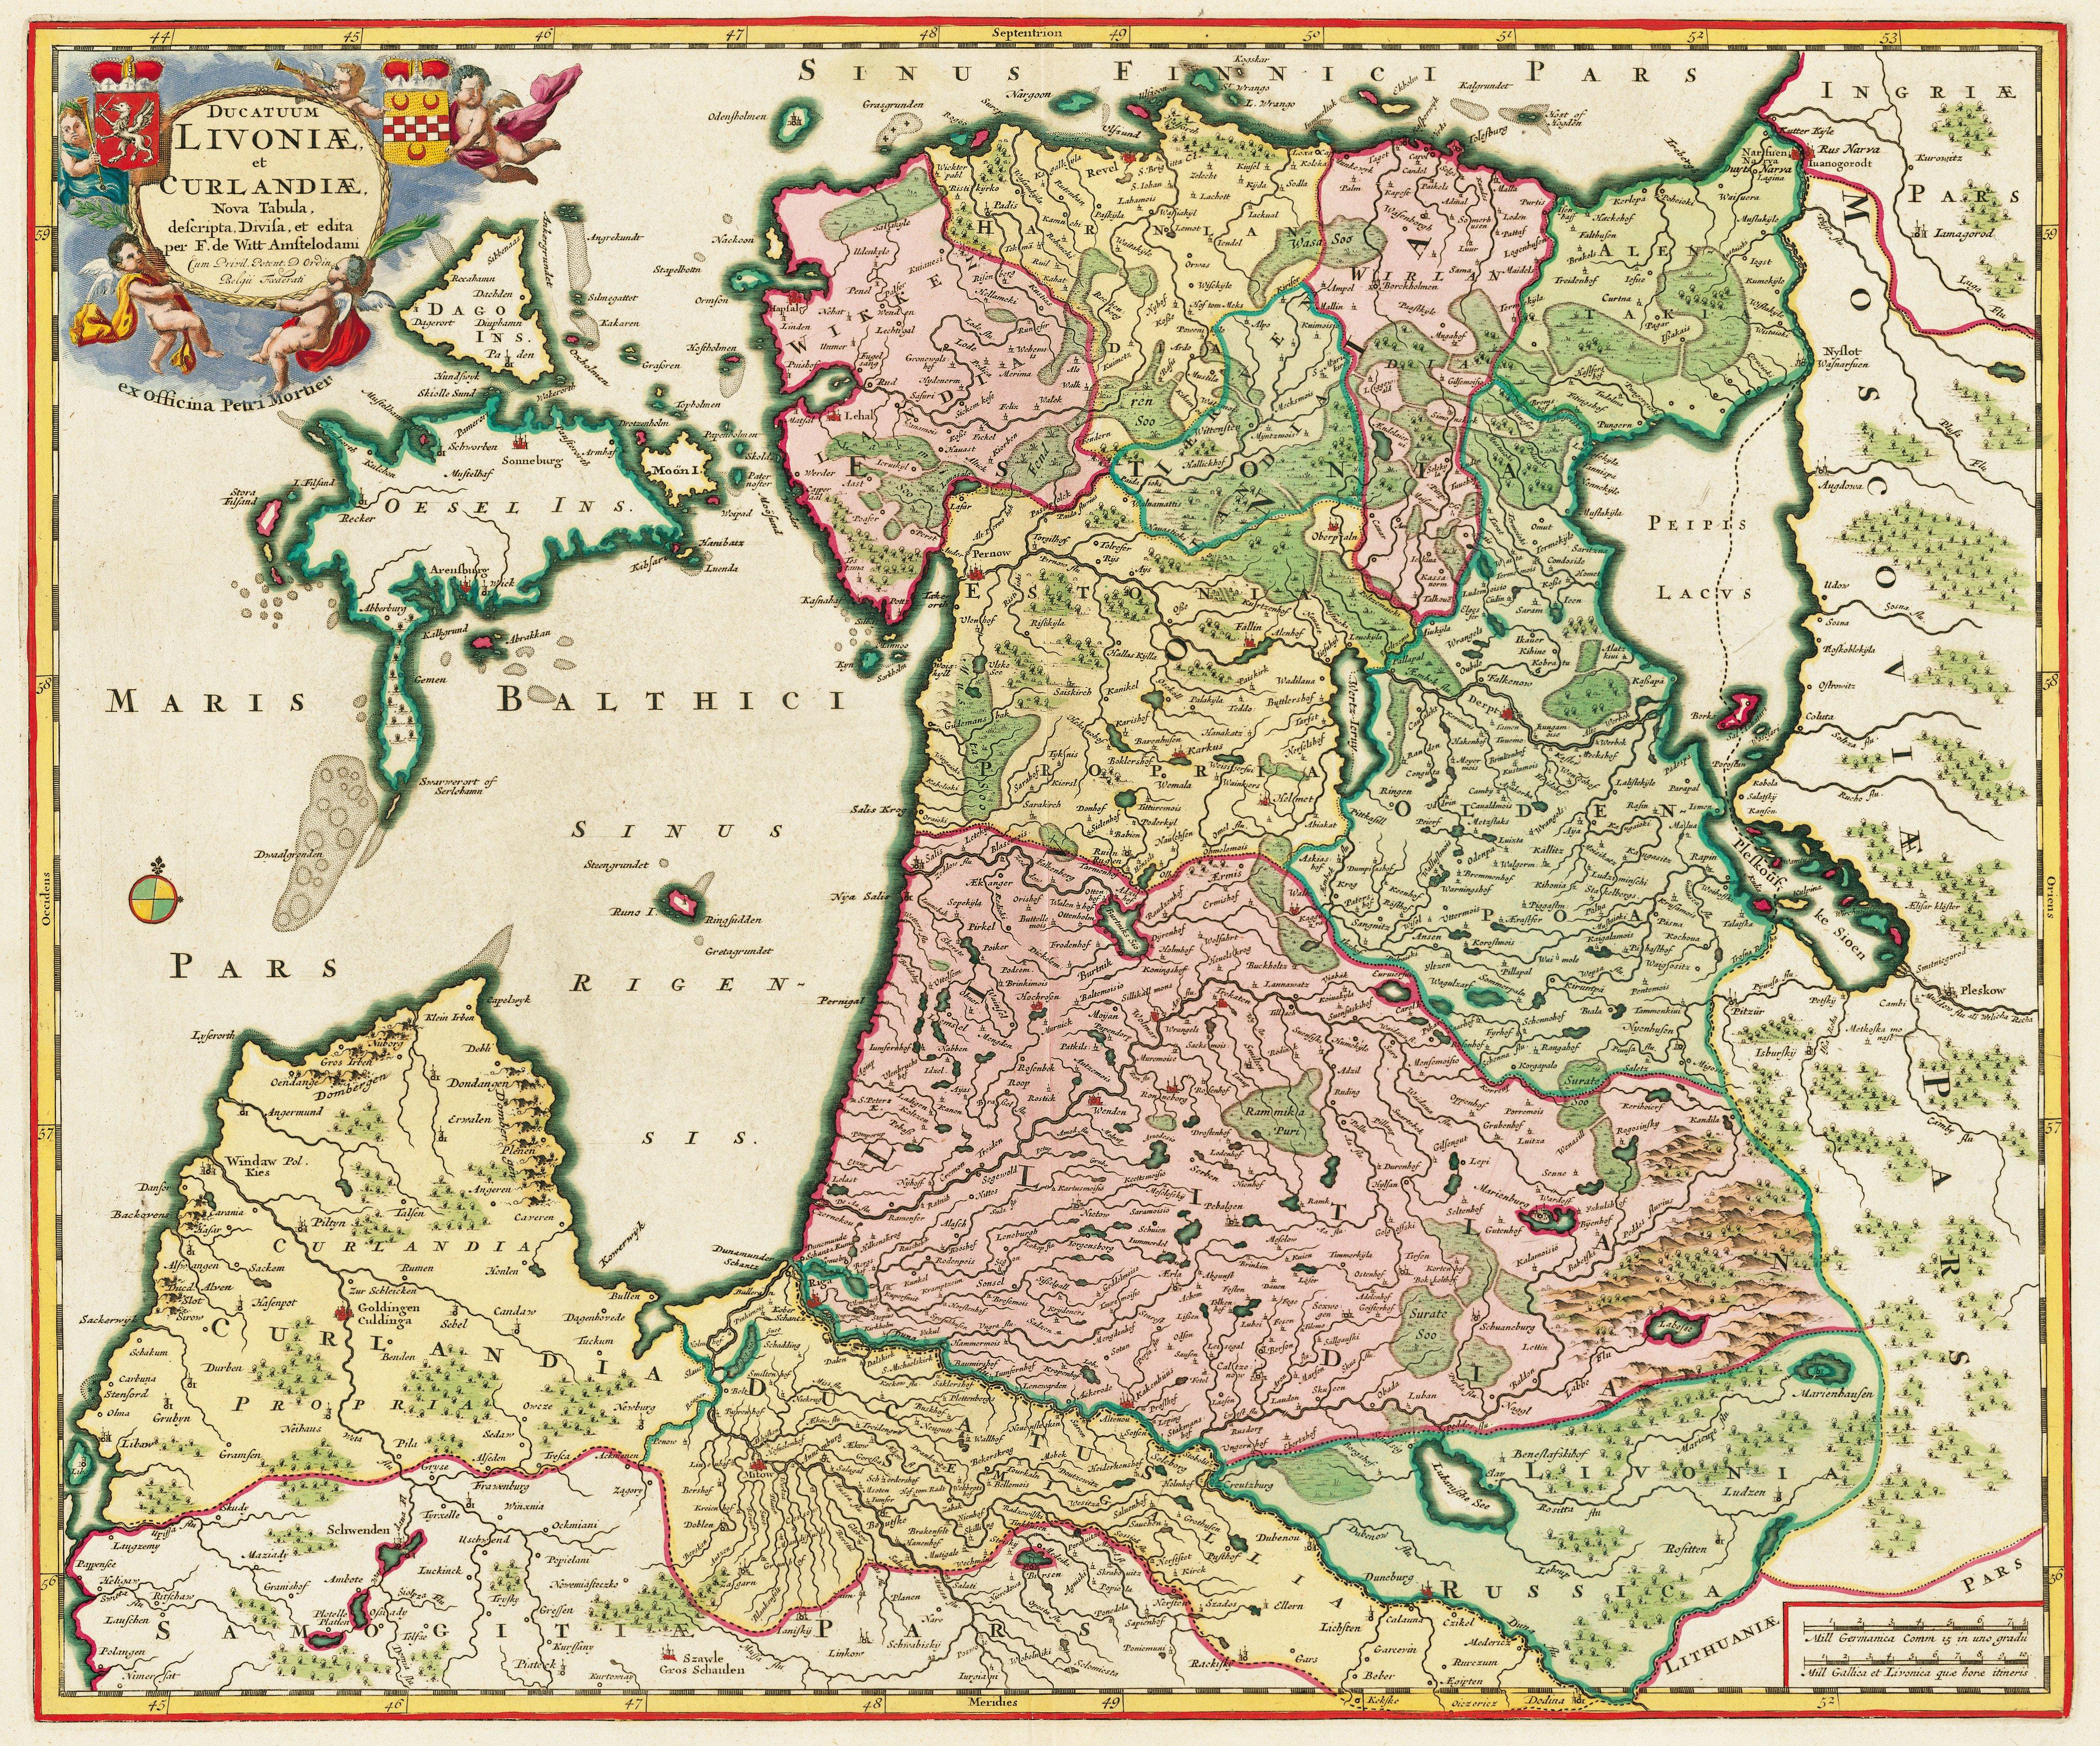 Ducatuum_Livoniae_et_Curlandiae_Nova_Tabula%2C_1705.jpg